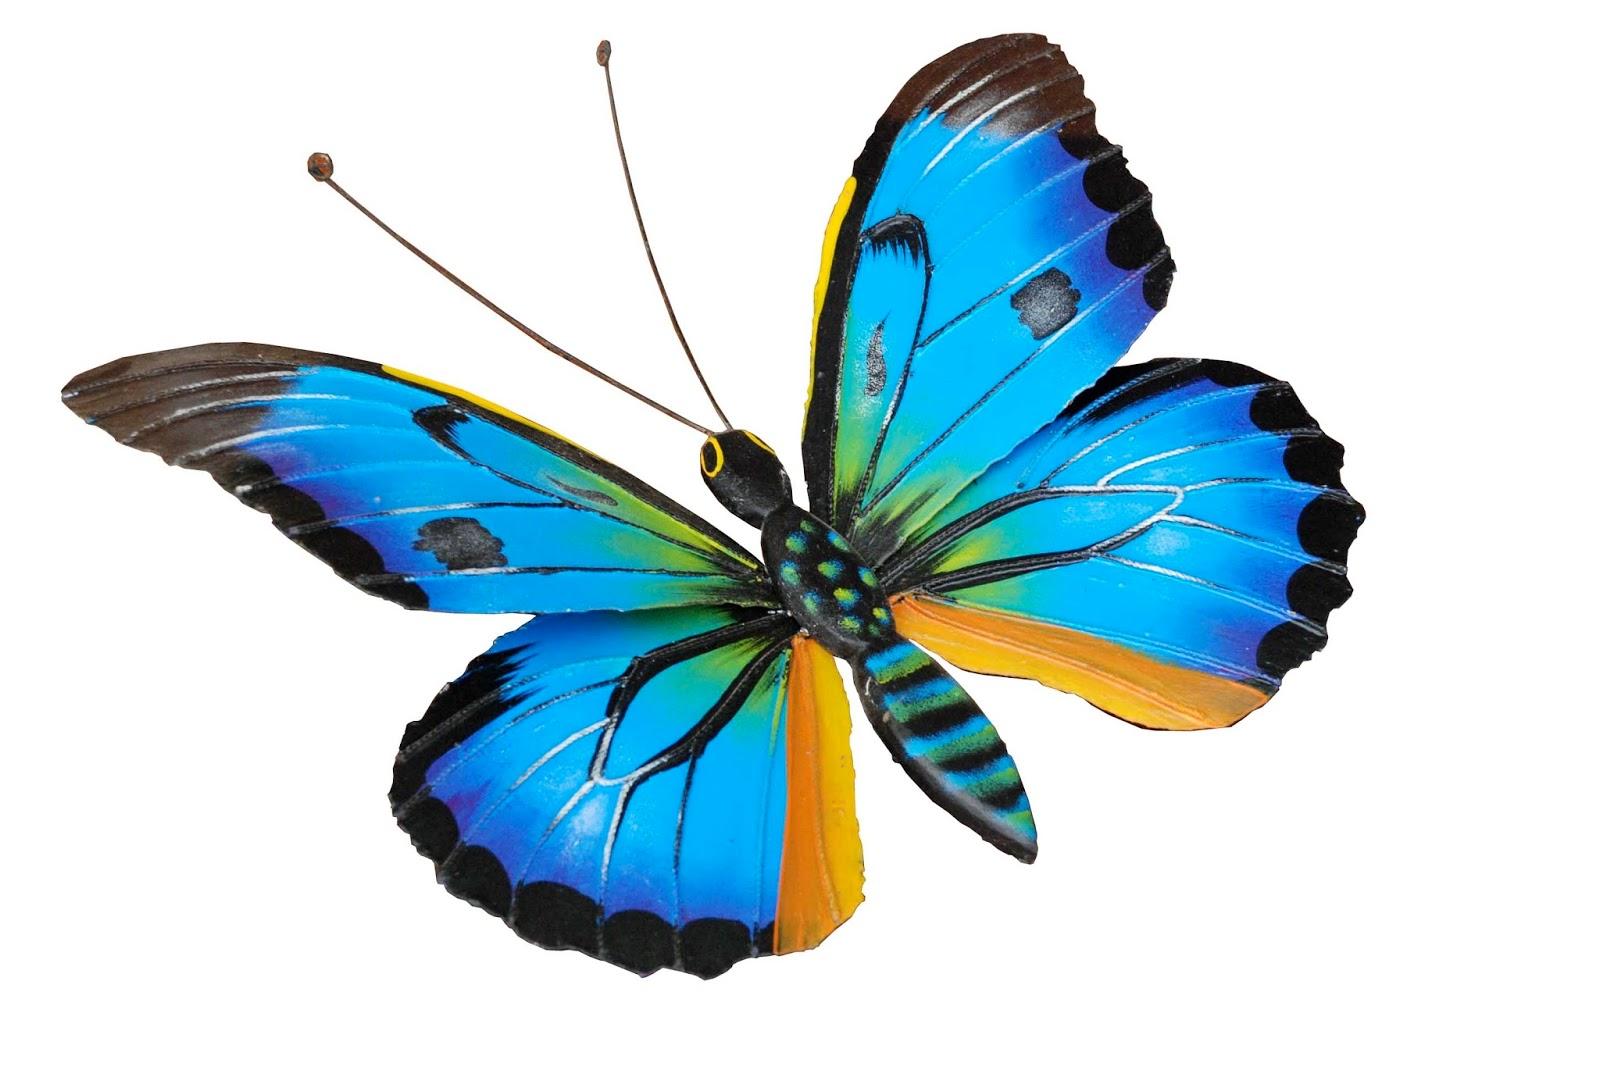 Dibujos De Mariposas Infantiles A Color: Patada De Caballo: Mariposas